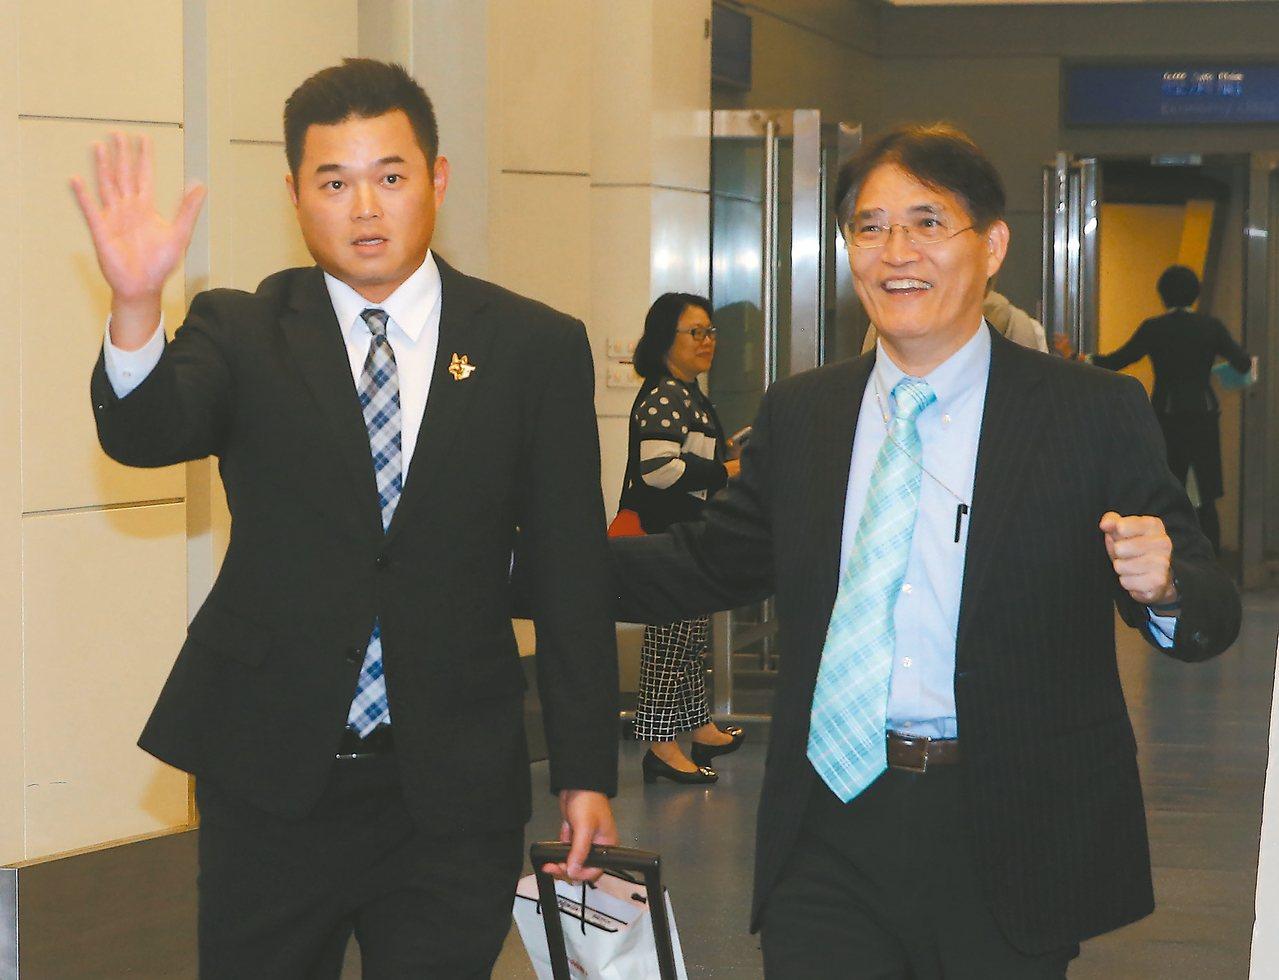 隊長胡金龍(左)下機時,體育署署長高俊雄(右)親自在空橋門口迎接。 記者陳嘉寧/...